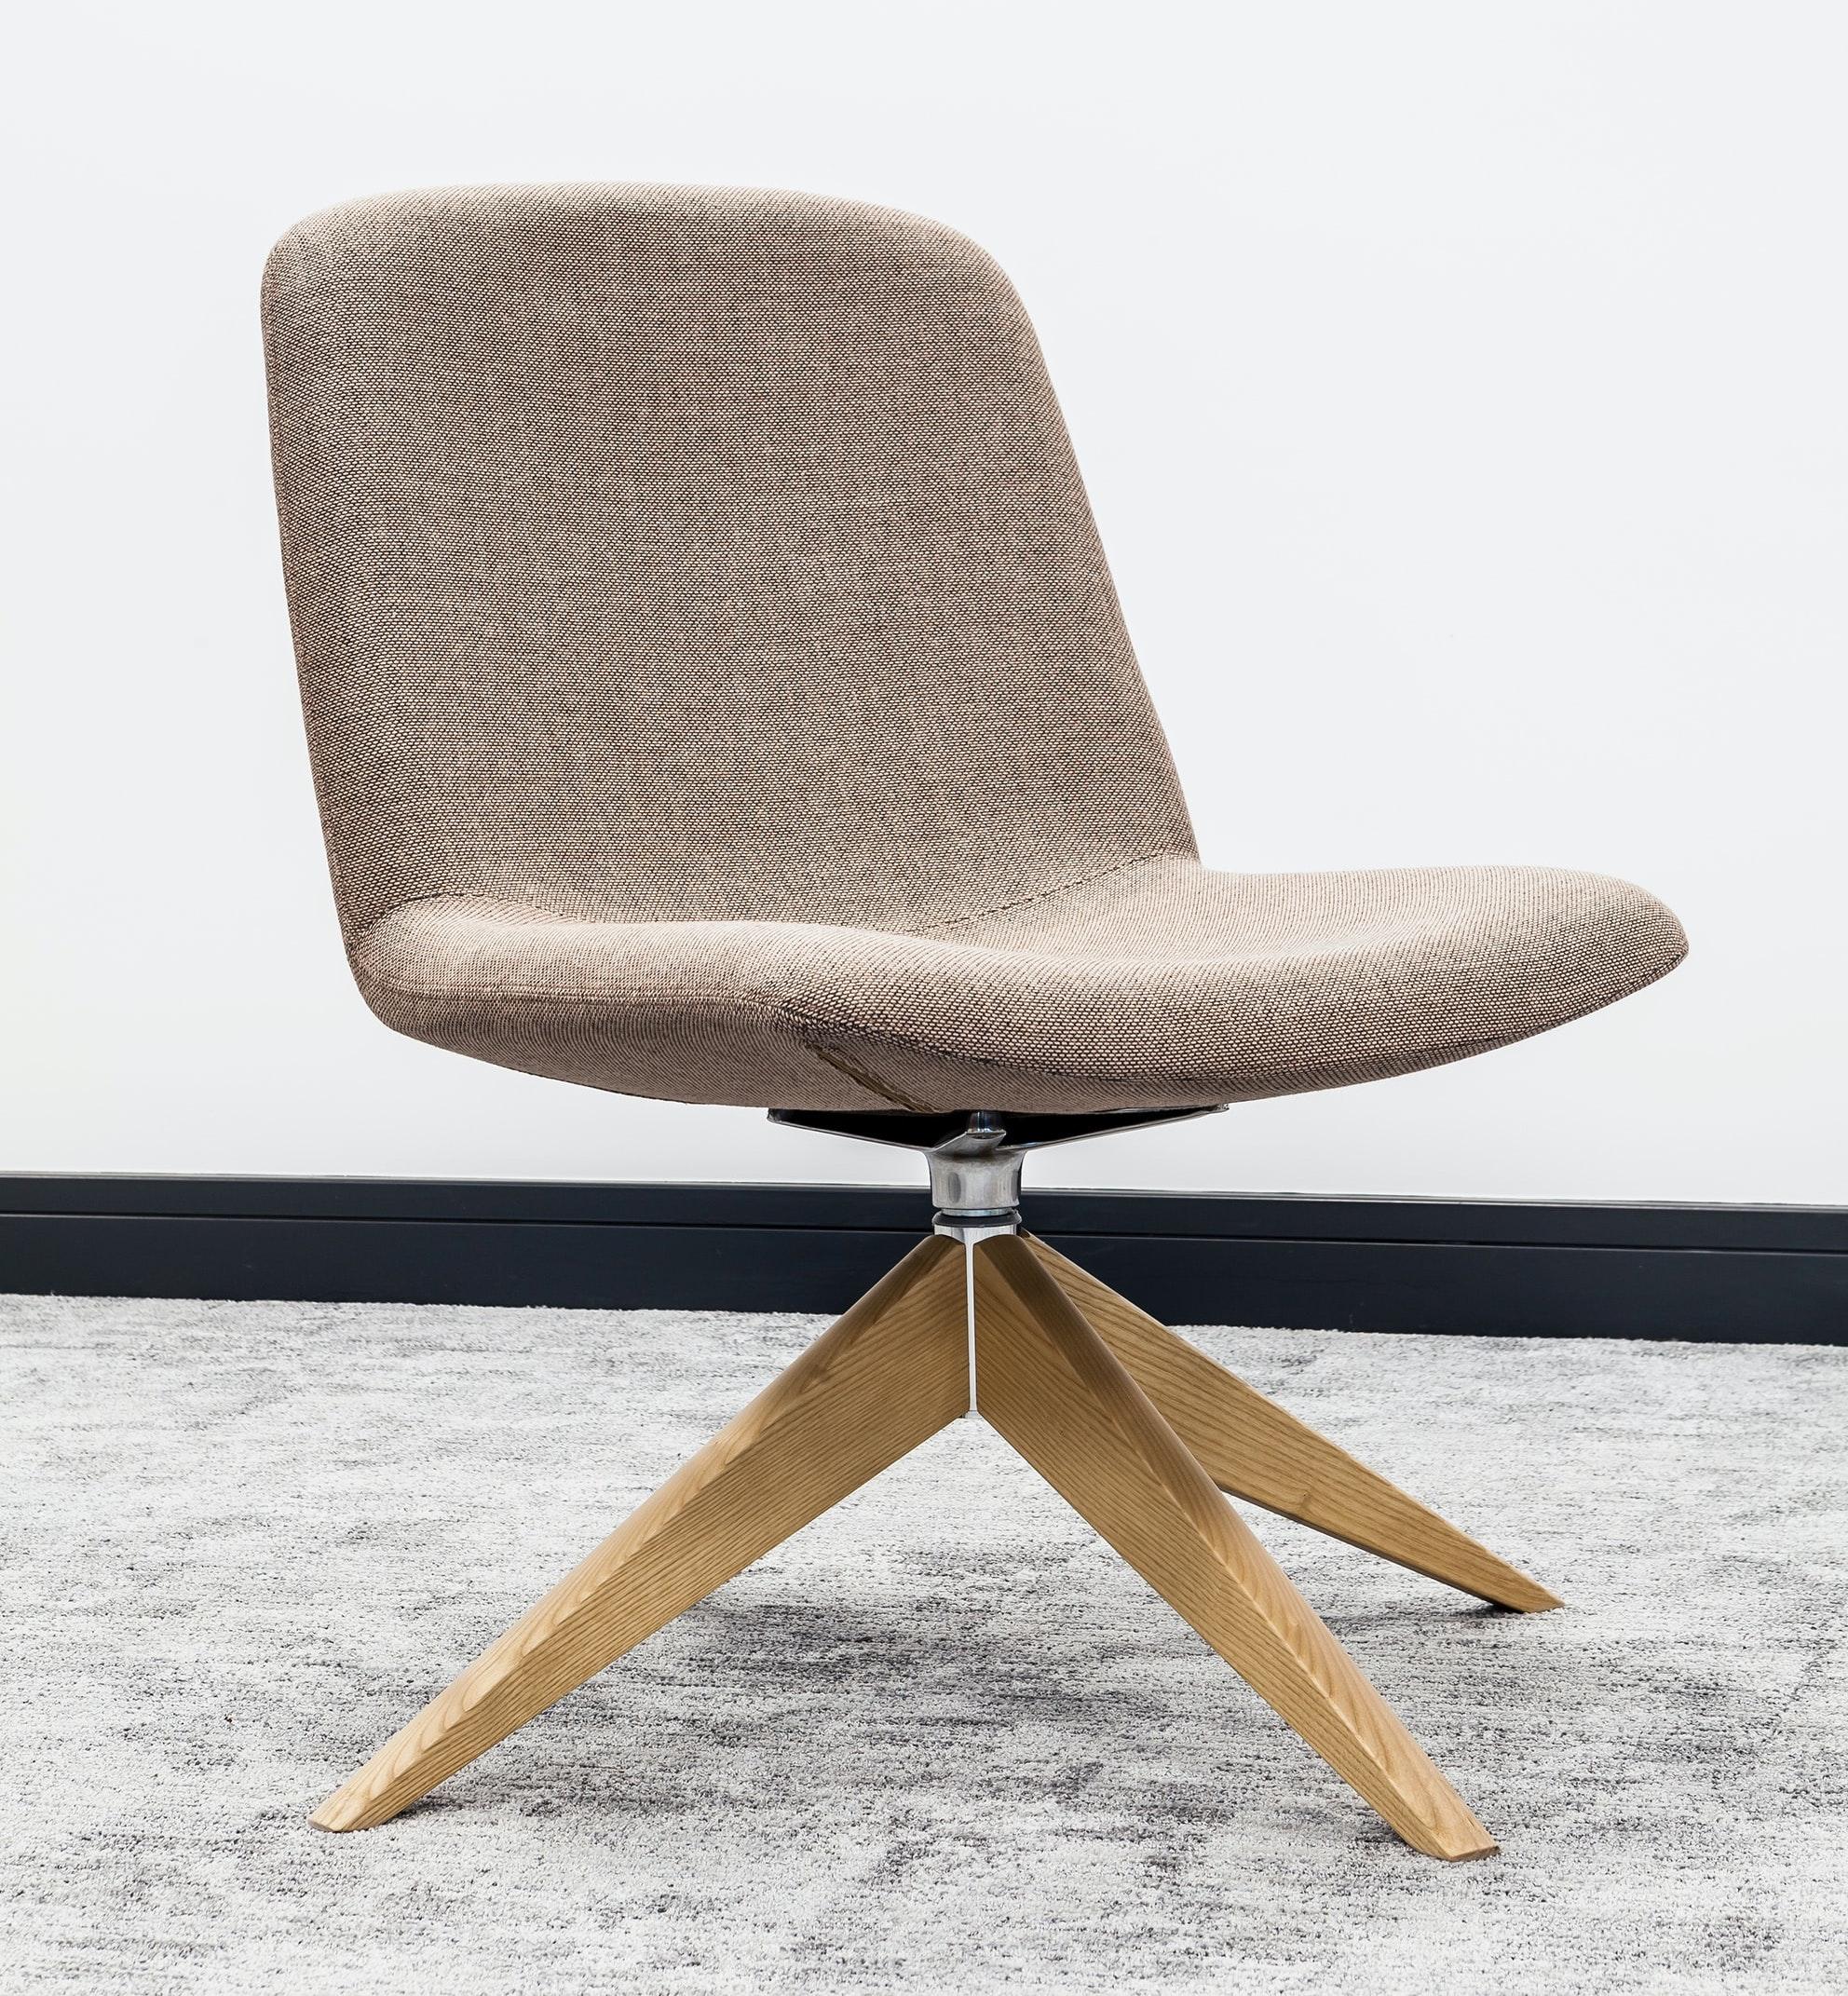 Stressmore rough chair